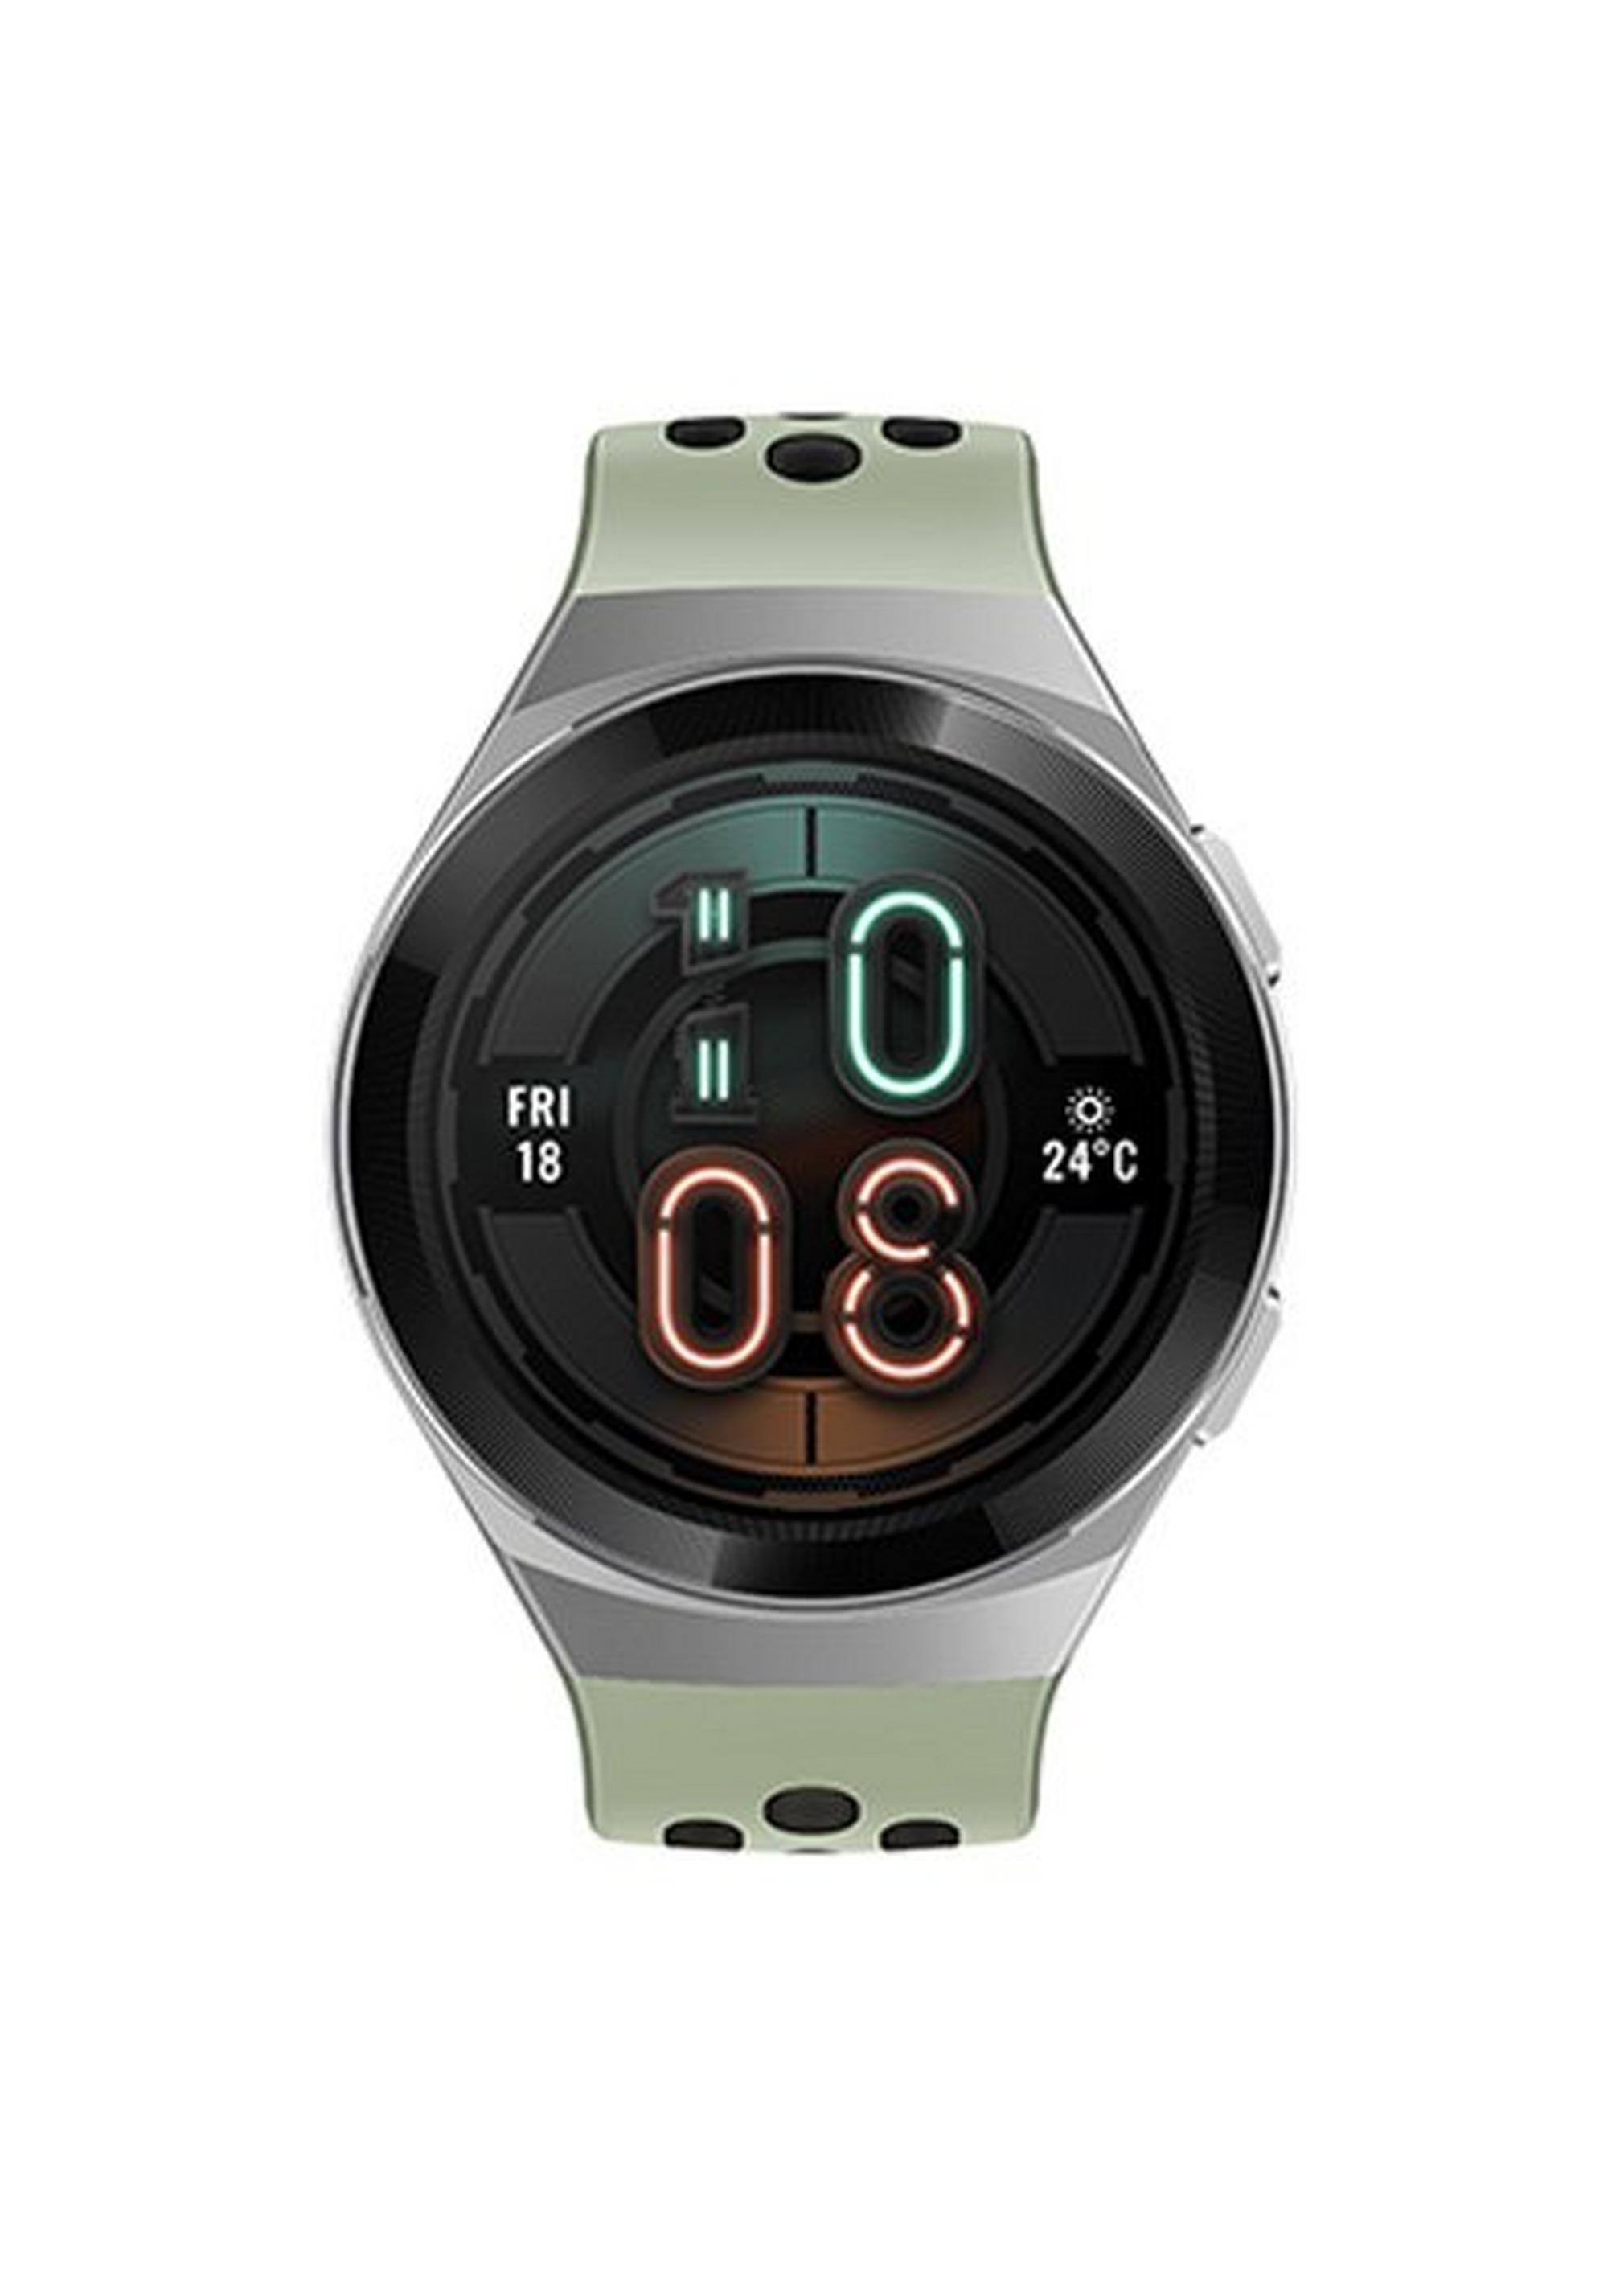 هواوي-ساعة جي تي 2 إي، 46 ملم، ستانلس ستيل-أخضر فاتح